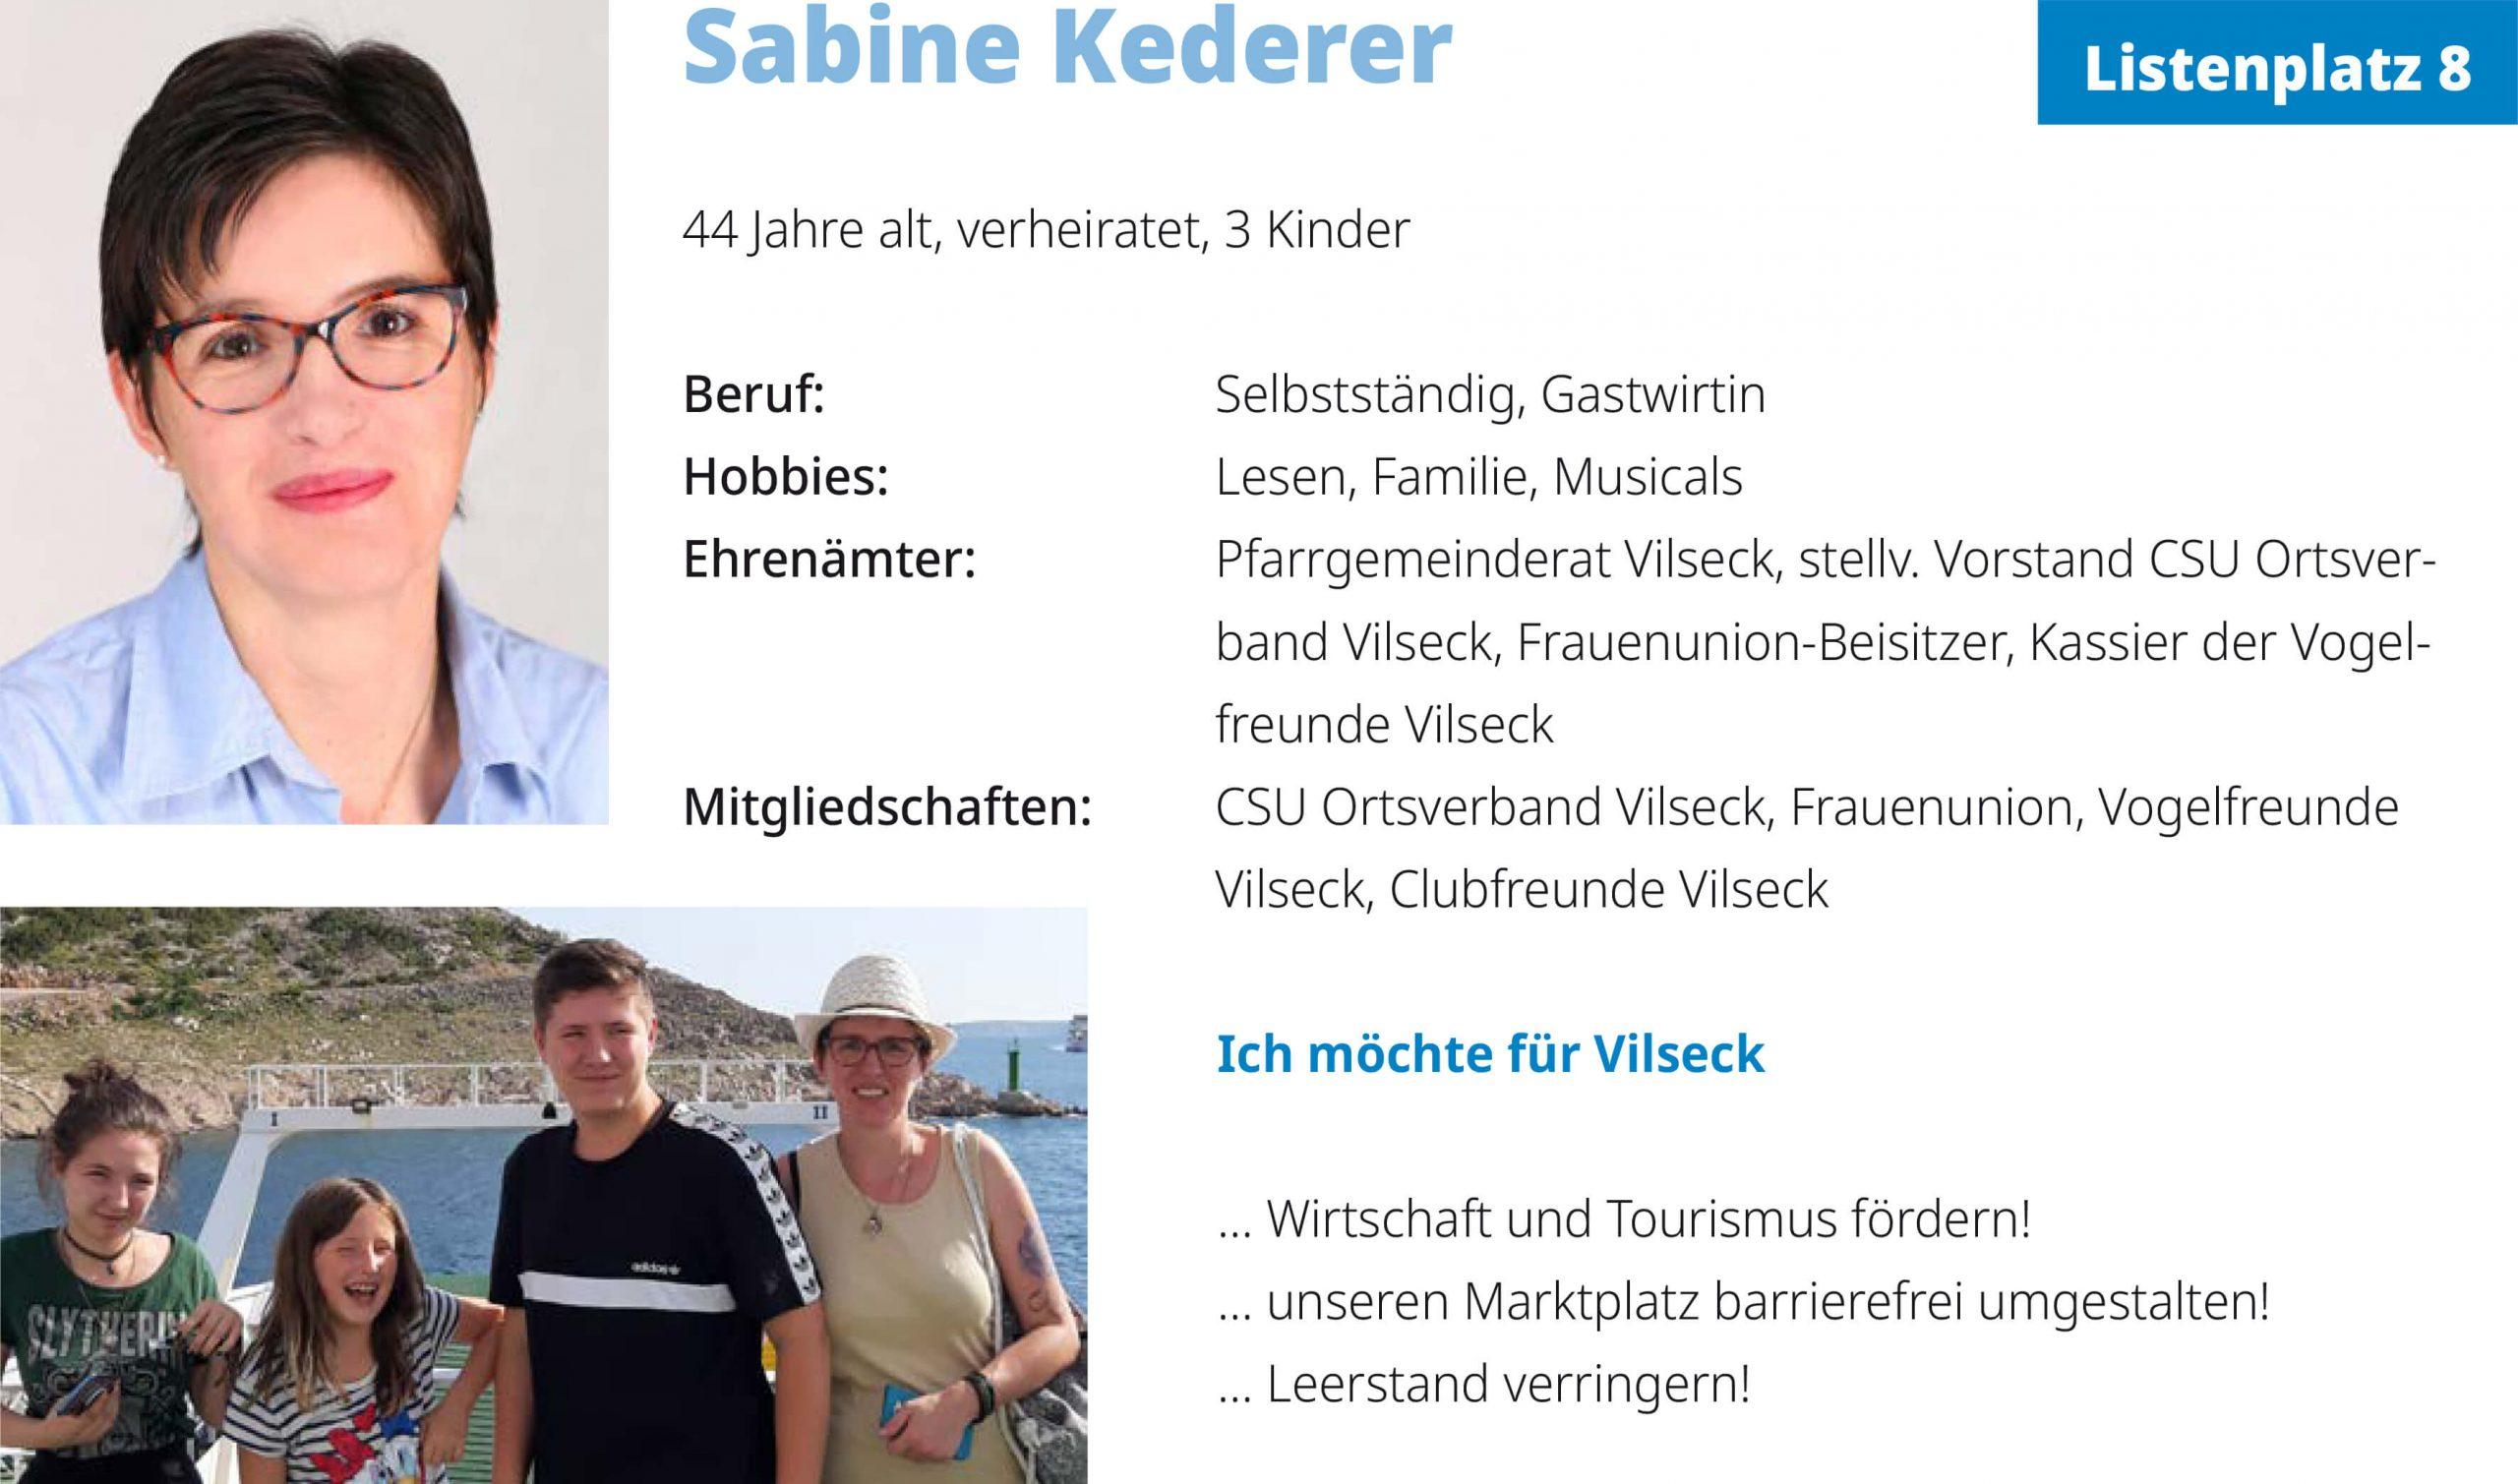 Sabine Kederer